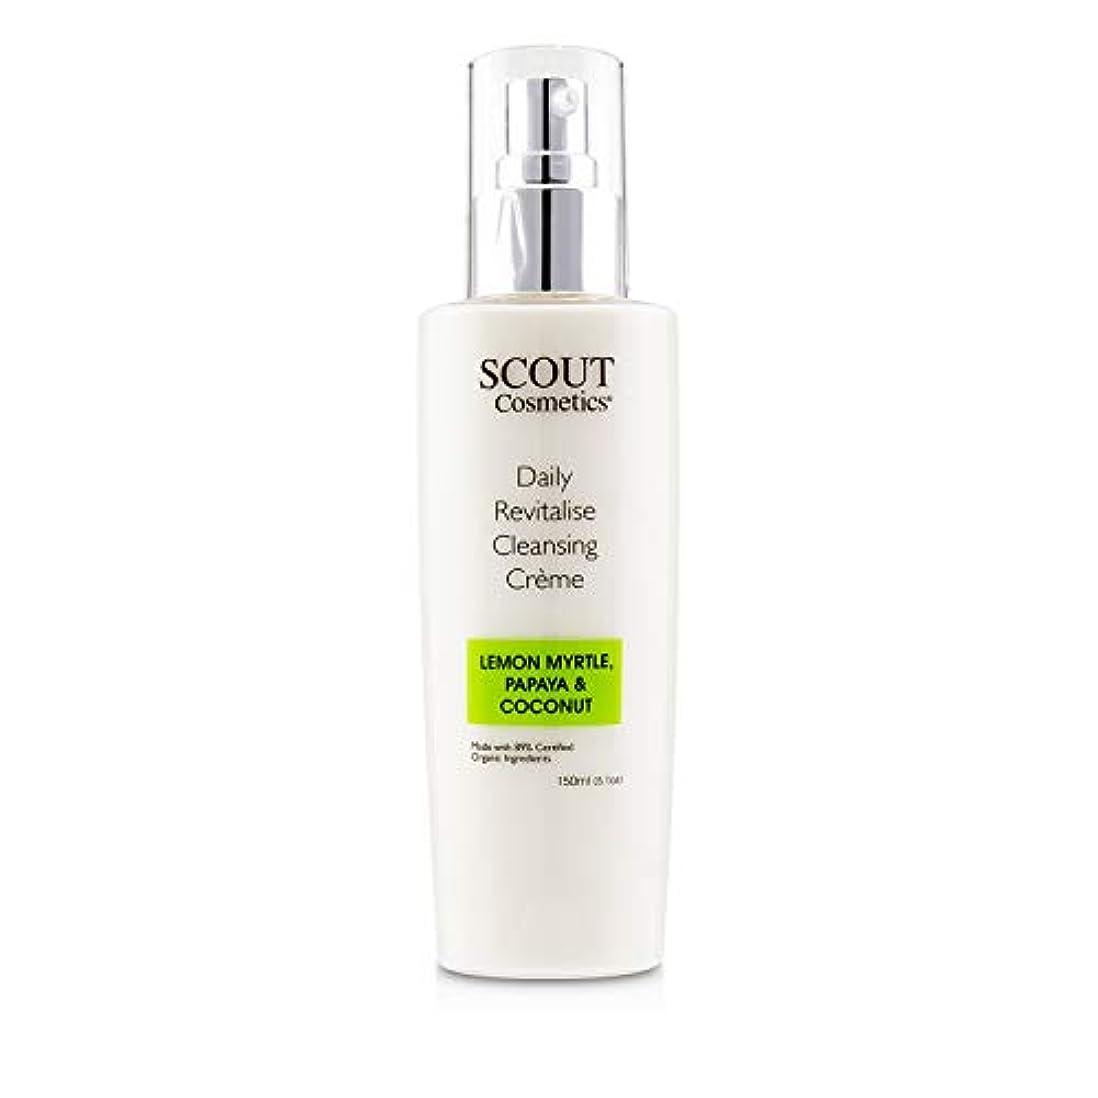 冊子むさぼり食う火薬SCOUT Cosmetics Daily Revitalise Cleansing Creme with Lemon Myrtle, Papaya & Coconut 150ml/5.1oz並行輸入品